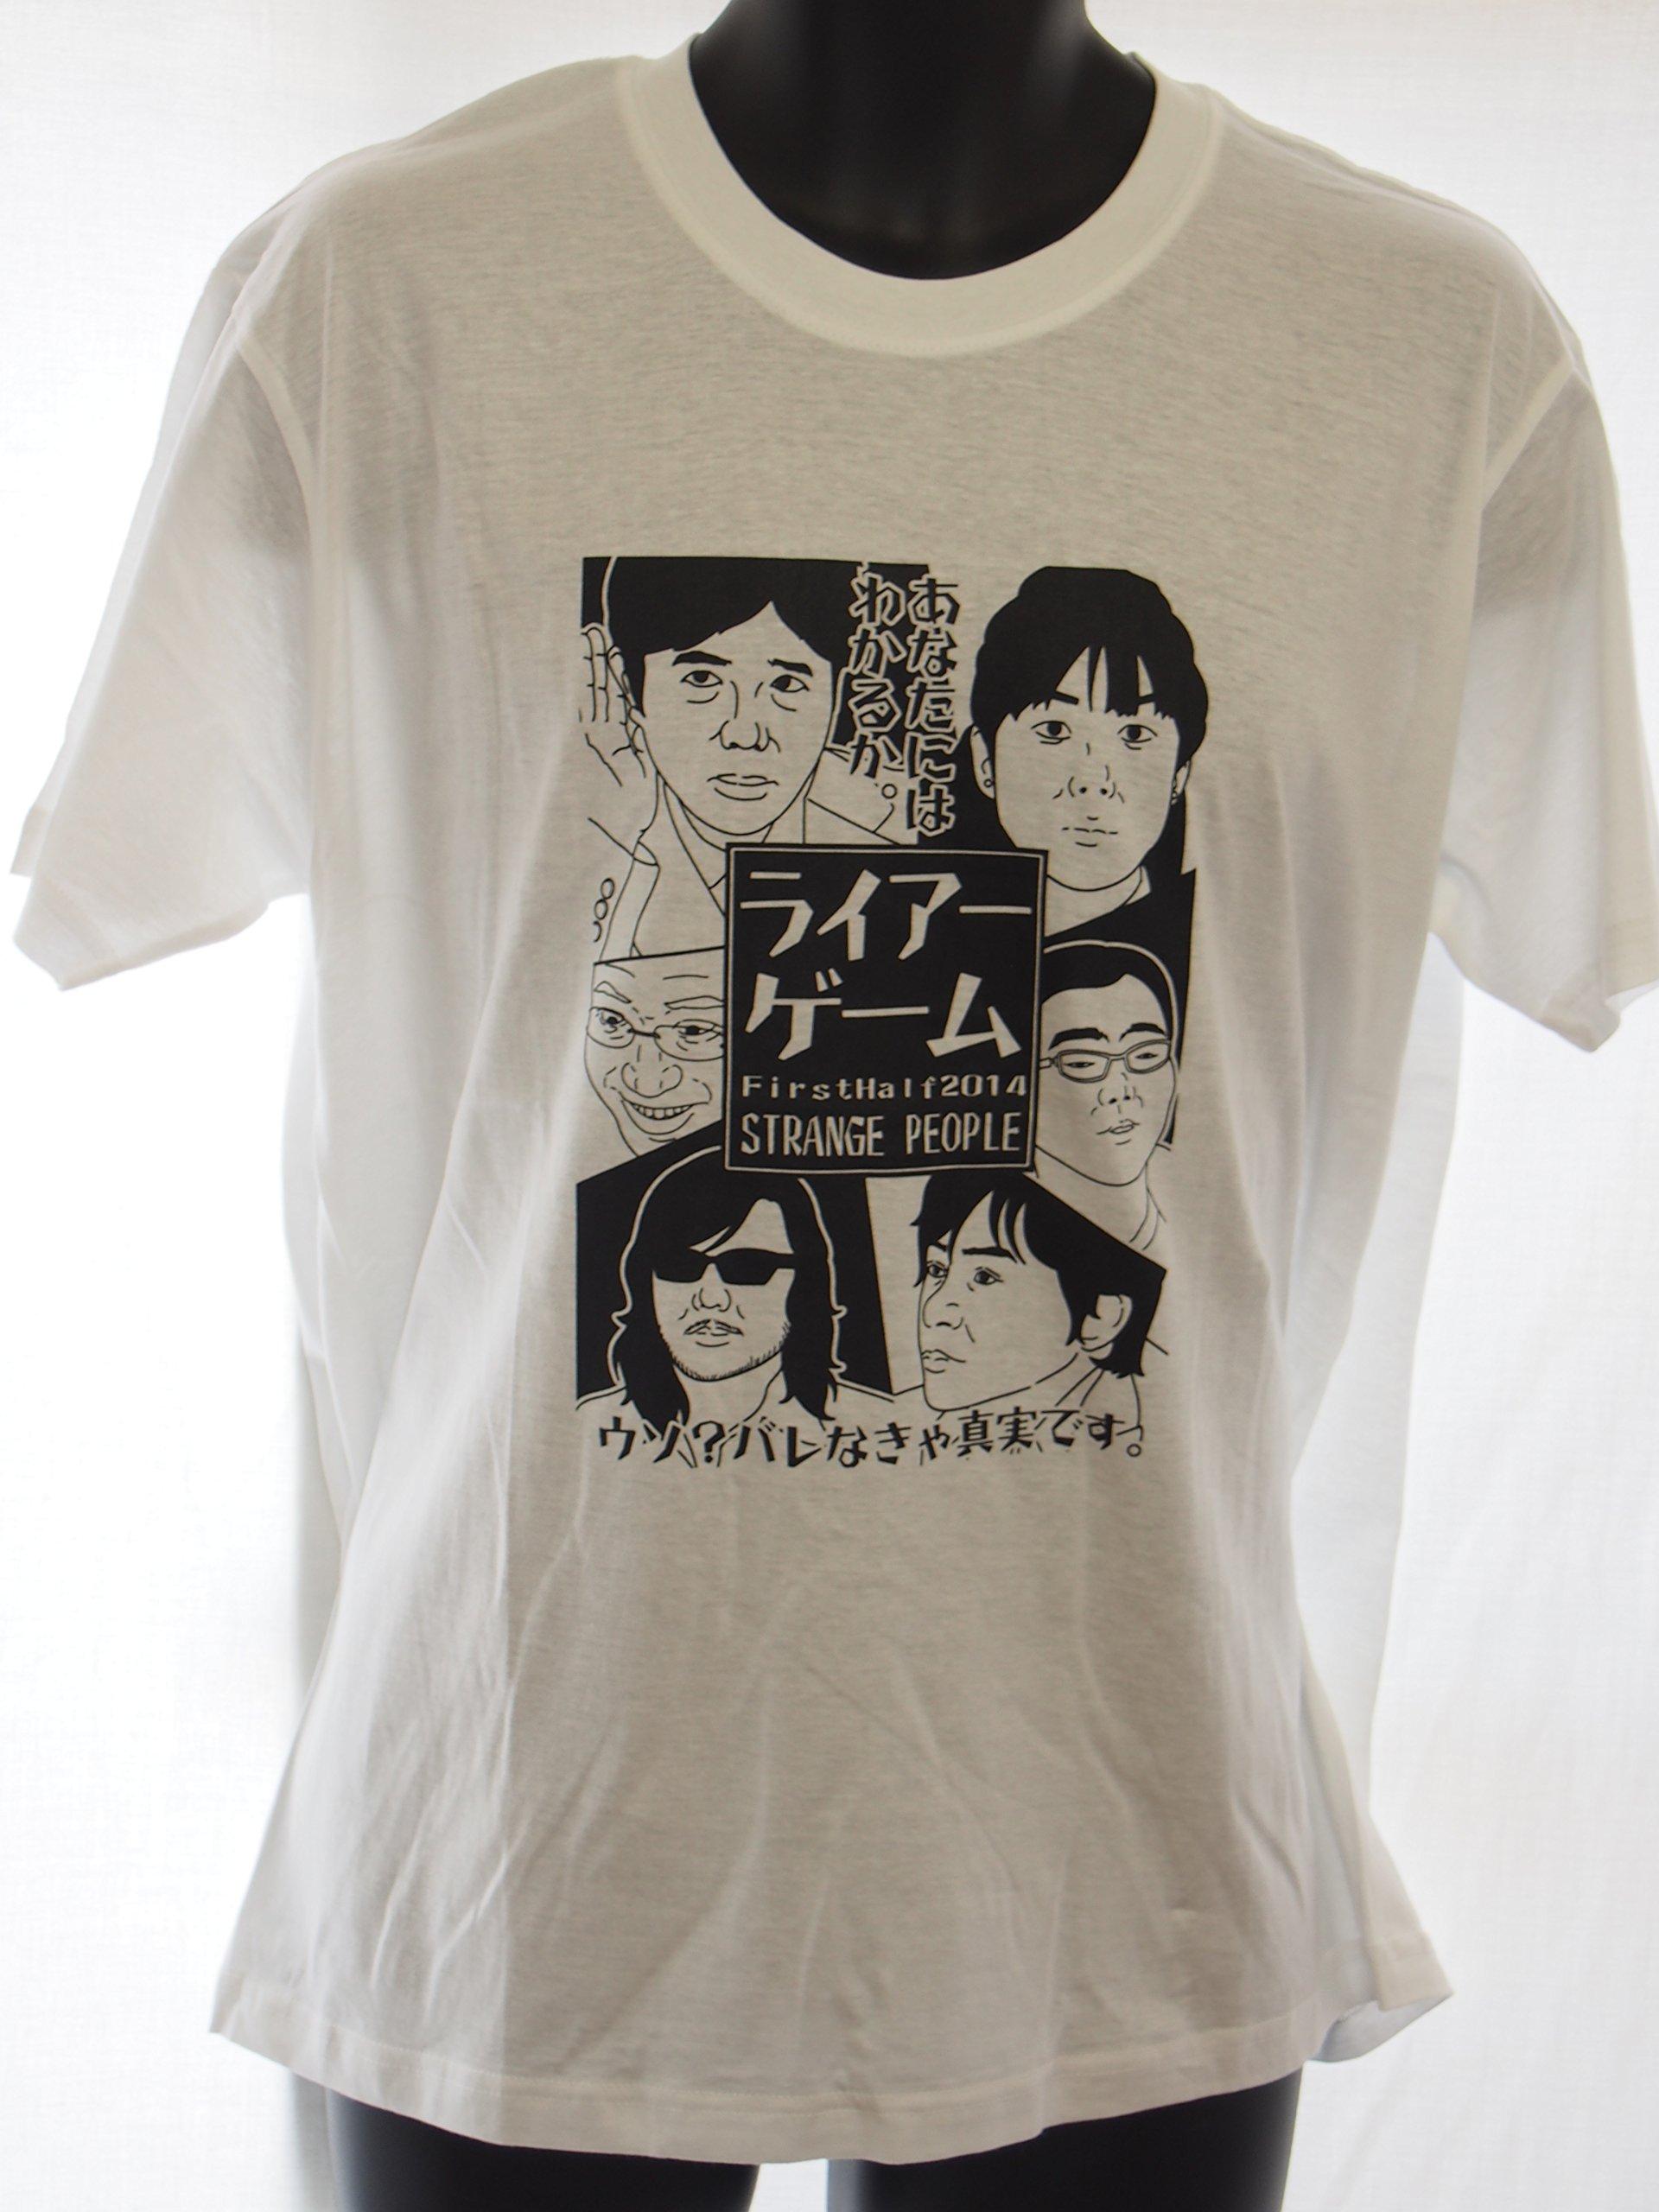 野々村Tシャツ ライアーゲームバージョン!「誰が一番嘘付き?」 (上半期お騒がせNo.1は?)